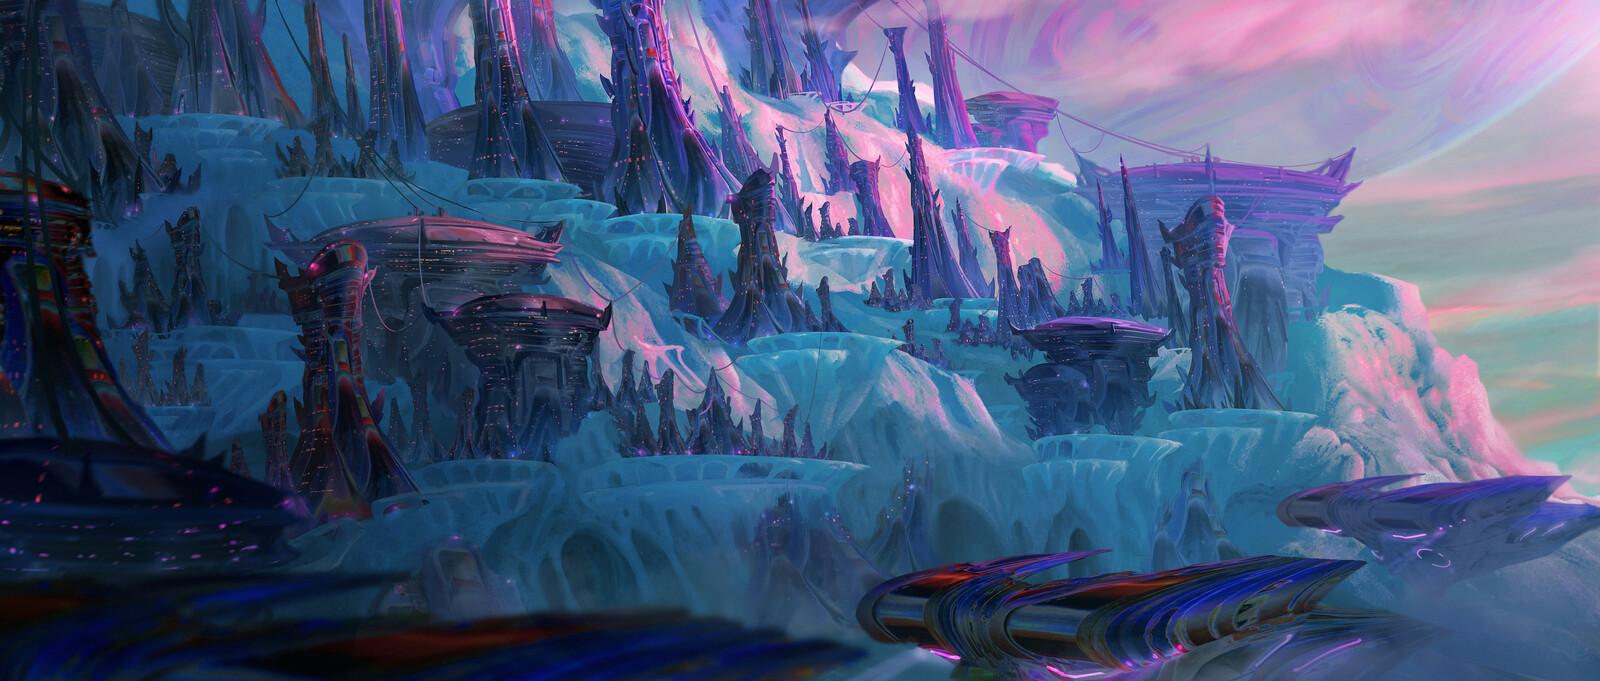 Frozen World with Centauri City